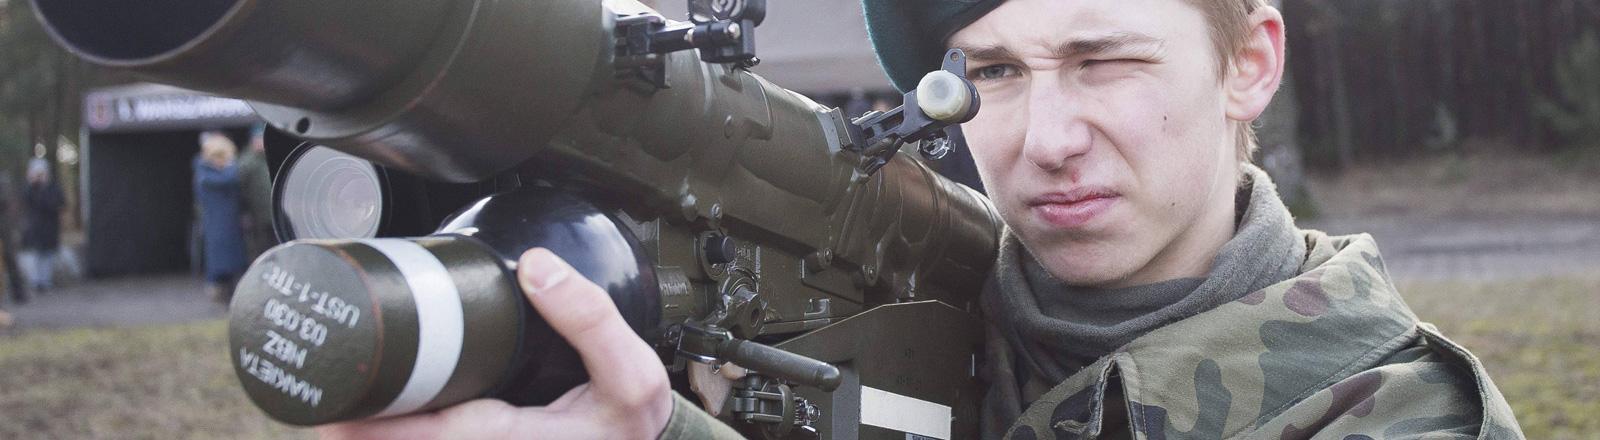 Ein junger Freiwilliger einer paramilitärischen Einheit in Polen hält einen Raketenwerfer in der Hand.